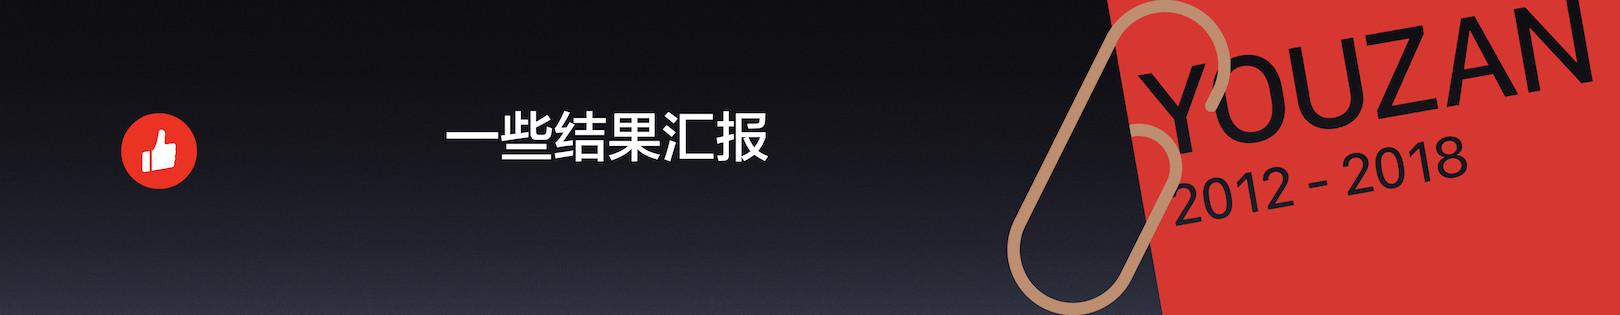 20181127 有赞六周年 - 公开版.002.jpeg